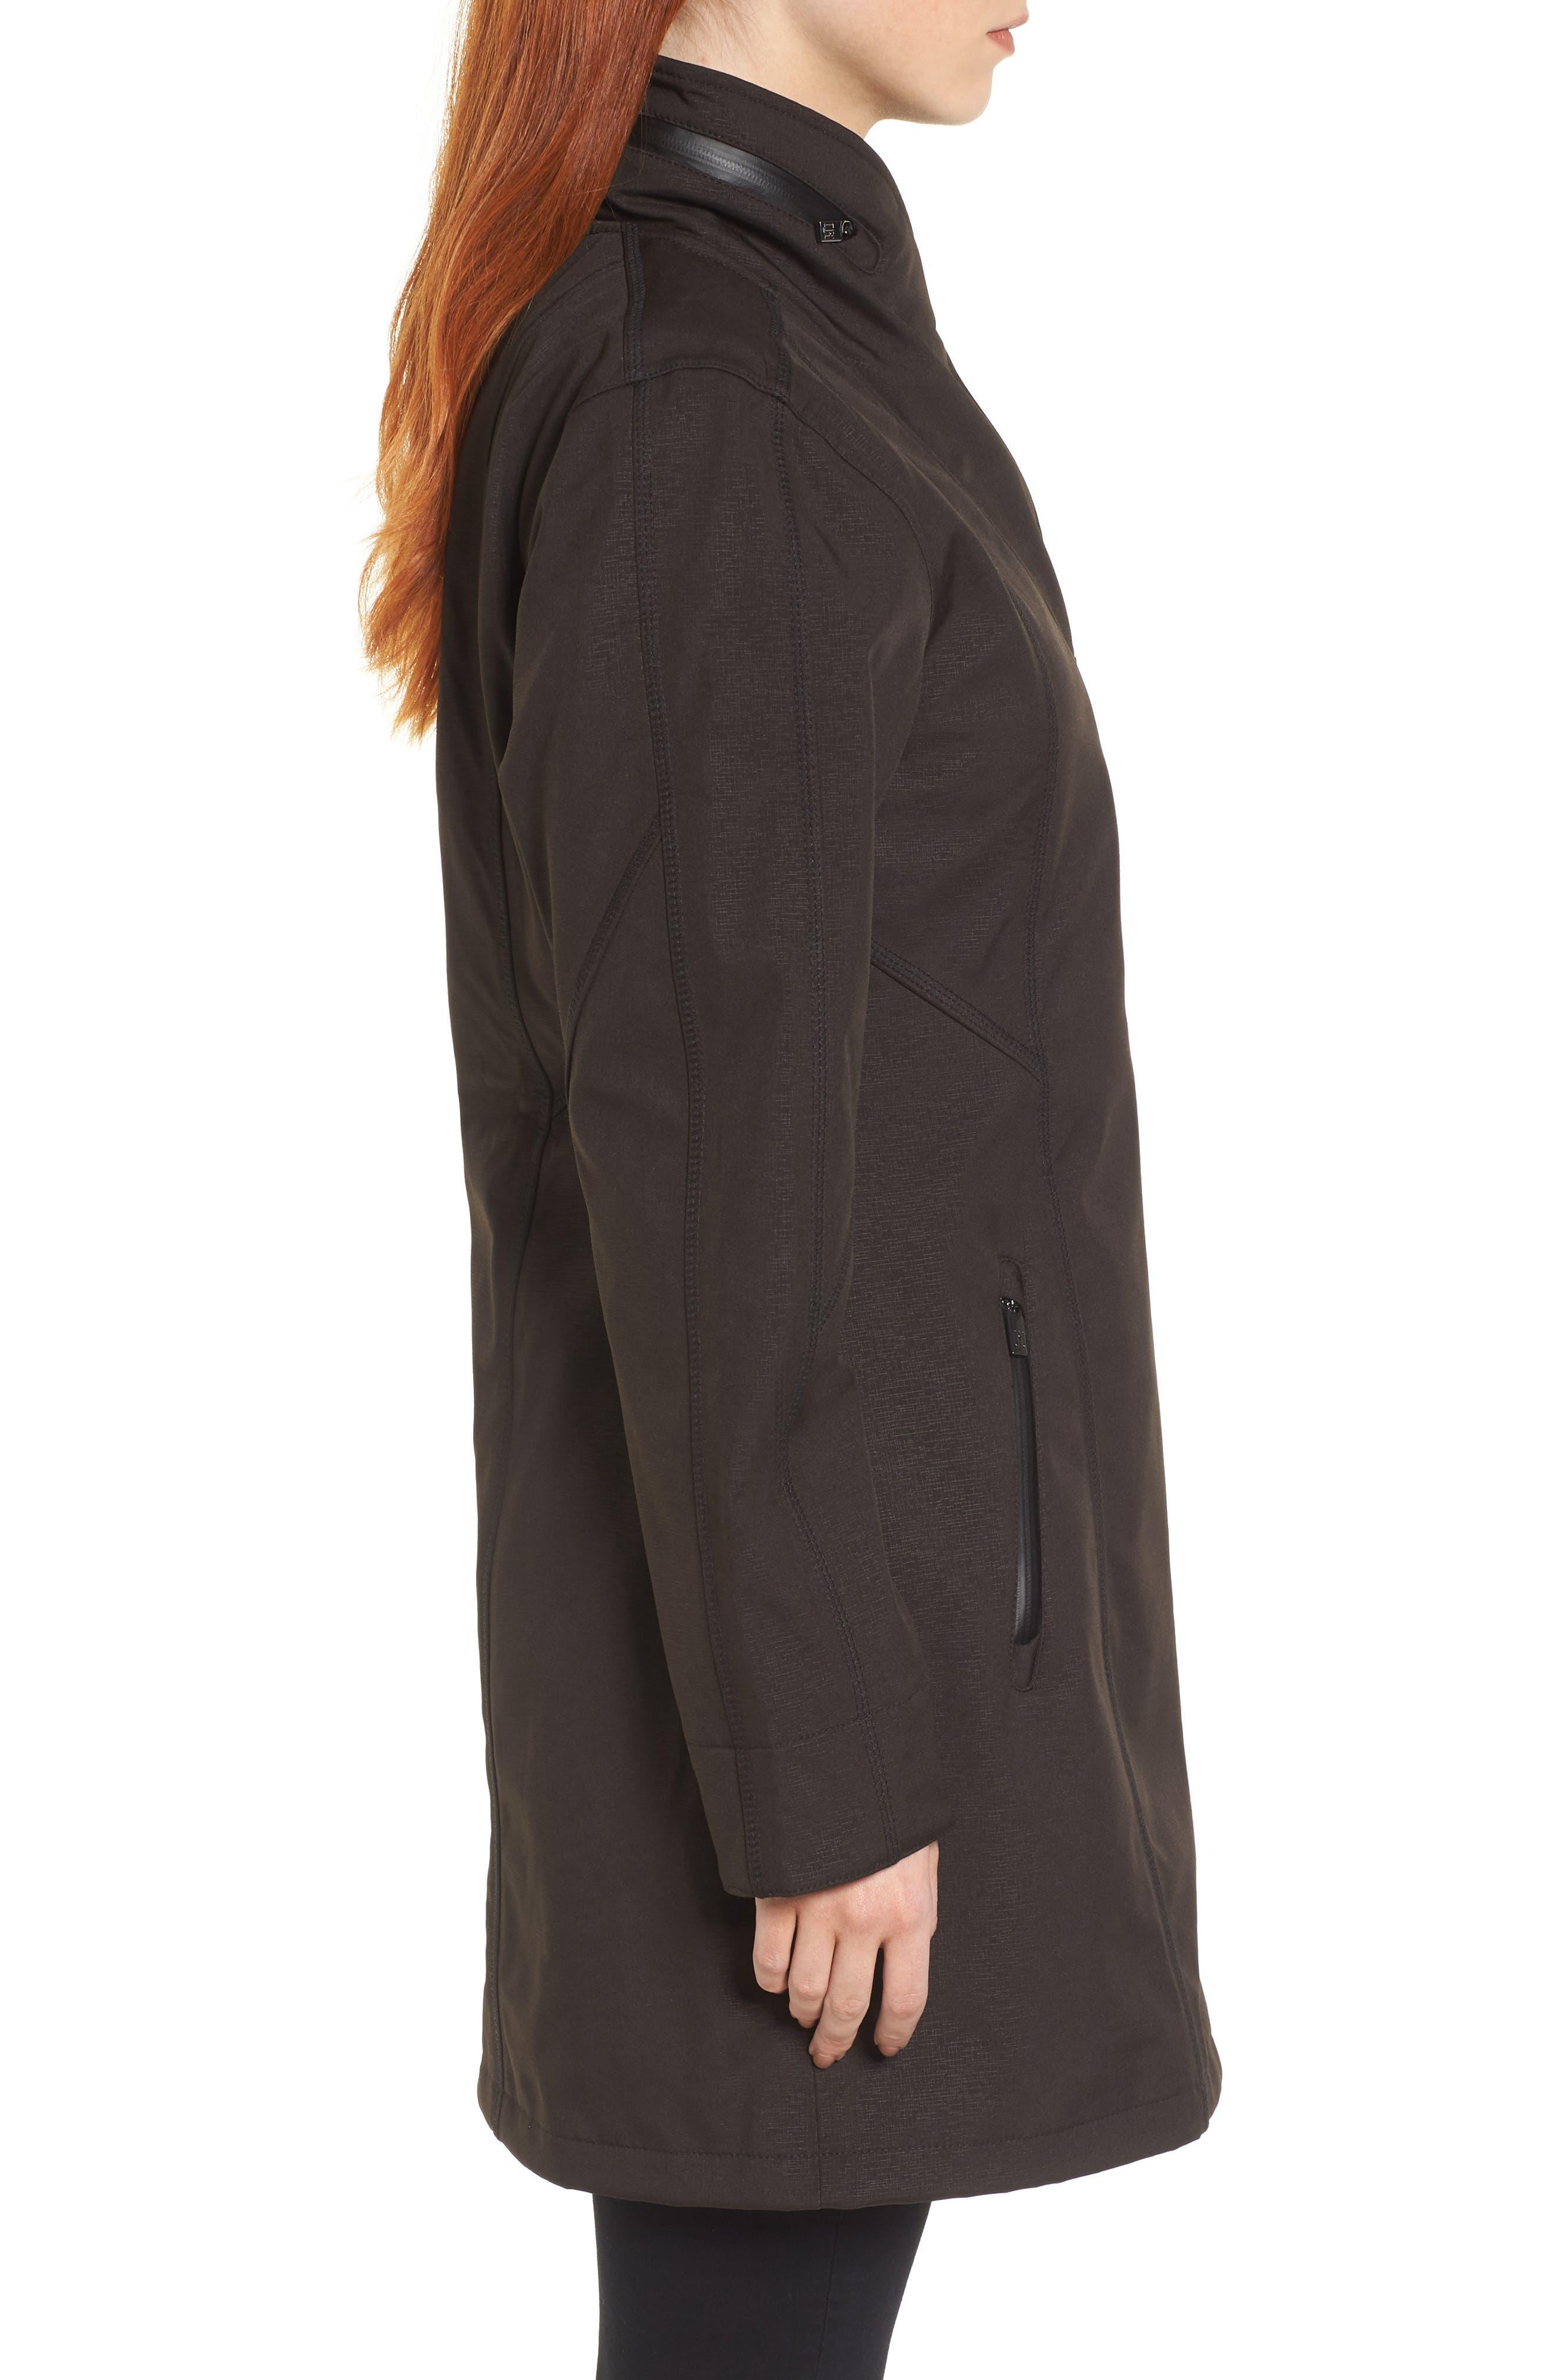 Hornbaek Soft Shell Raincoat,                             Alternate thumbnail 3, color,                             Black